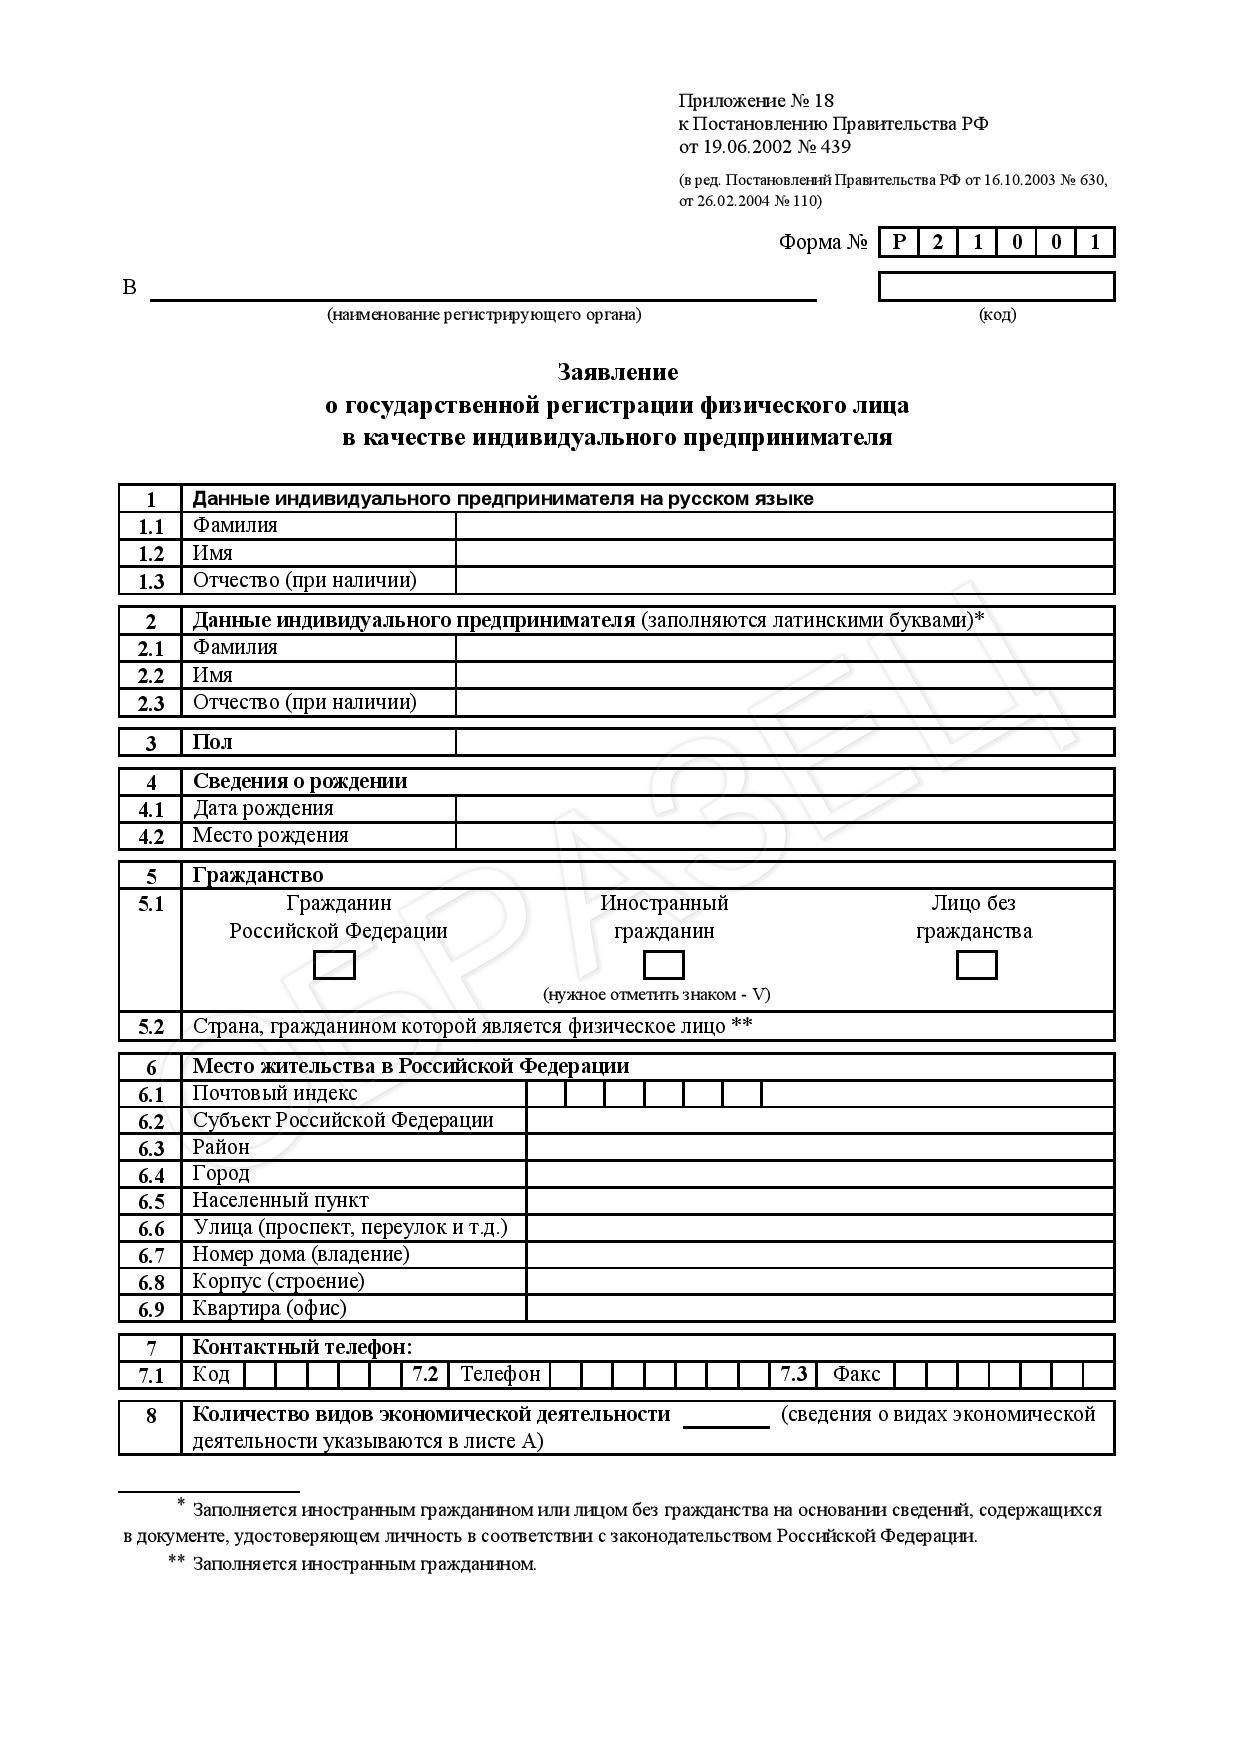 бланк заявления при регистрации ип в фсс